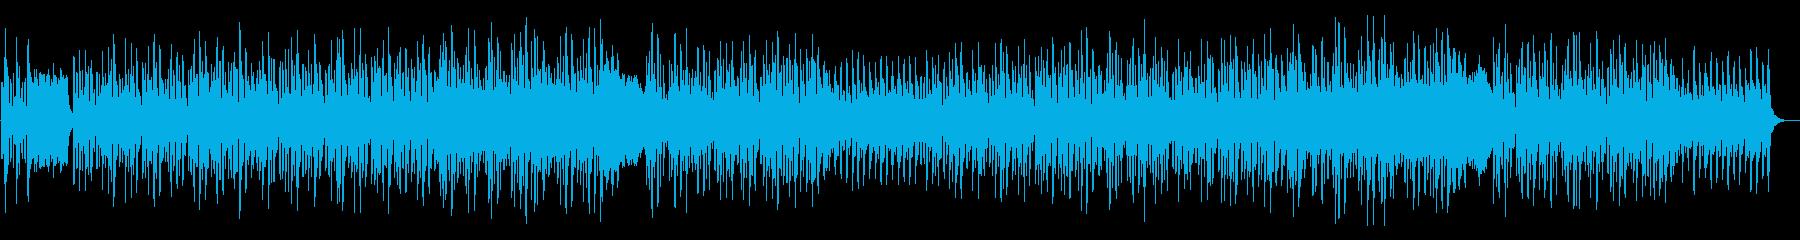 【リズム無し】軽快でかわいいハロウィンの再生済みの波形